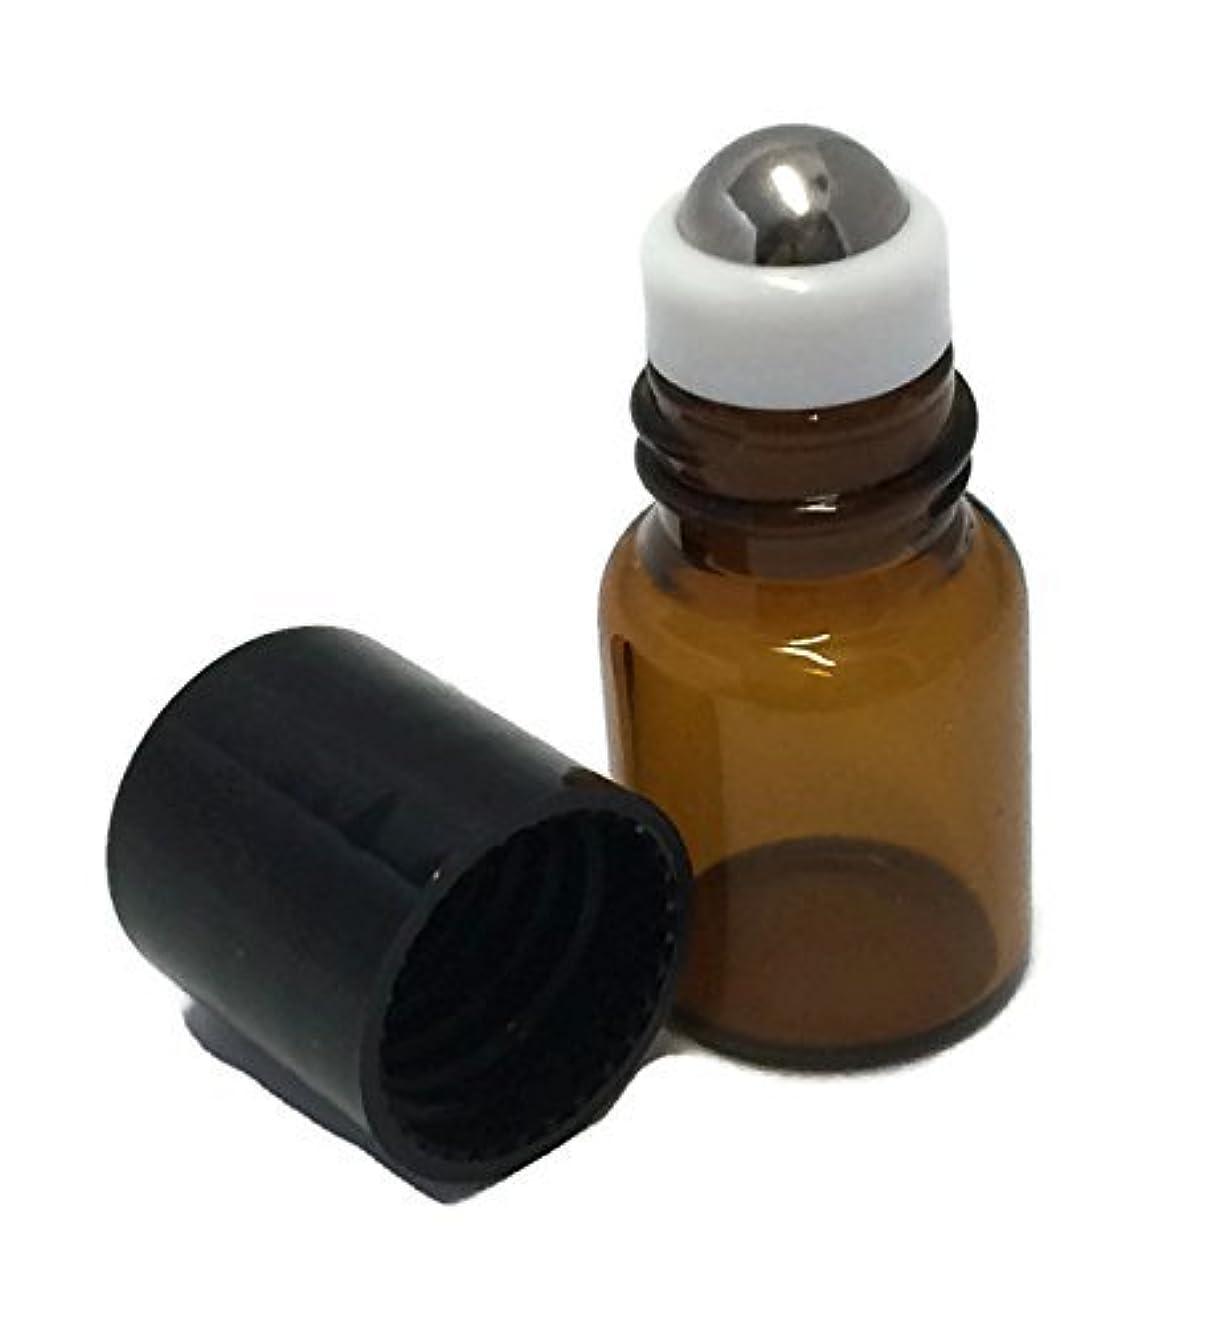 序文二年生マートUSA 144 Amber Glass 2 ml, 5/8 Dram Mini Roll-On Glass Bottles with Stainless Steel Roller Balls - Refillable Aromatherapy...